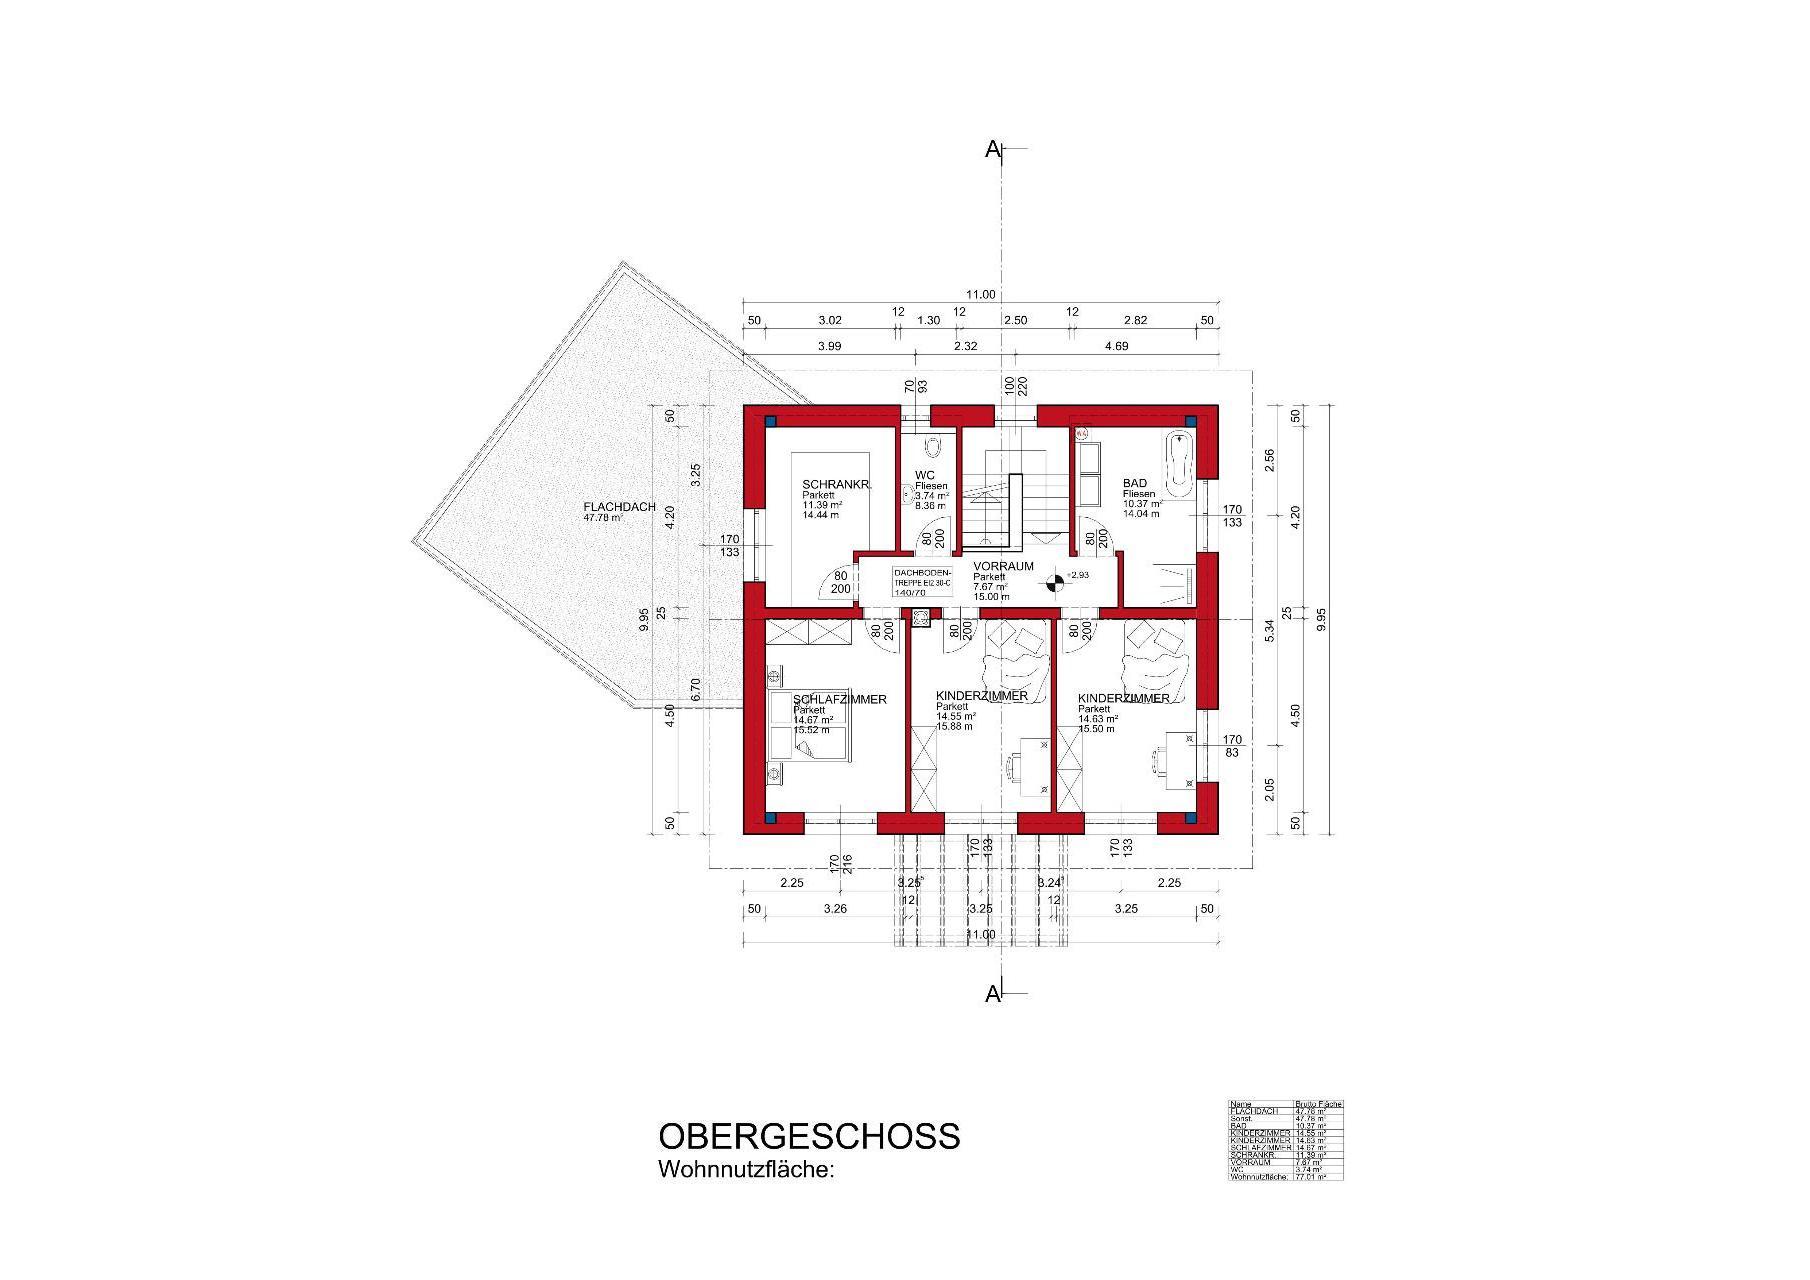 aussenputz preise m2 fassade sanierung auenputz dmmung wdvs with aussenputz preise m2 best. Black Bedroom Furniture Sets. Home Design Ideas